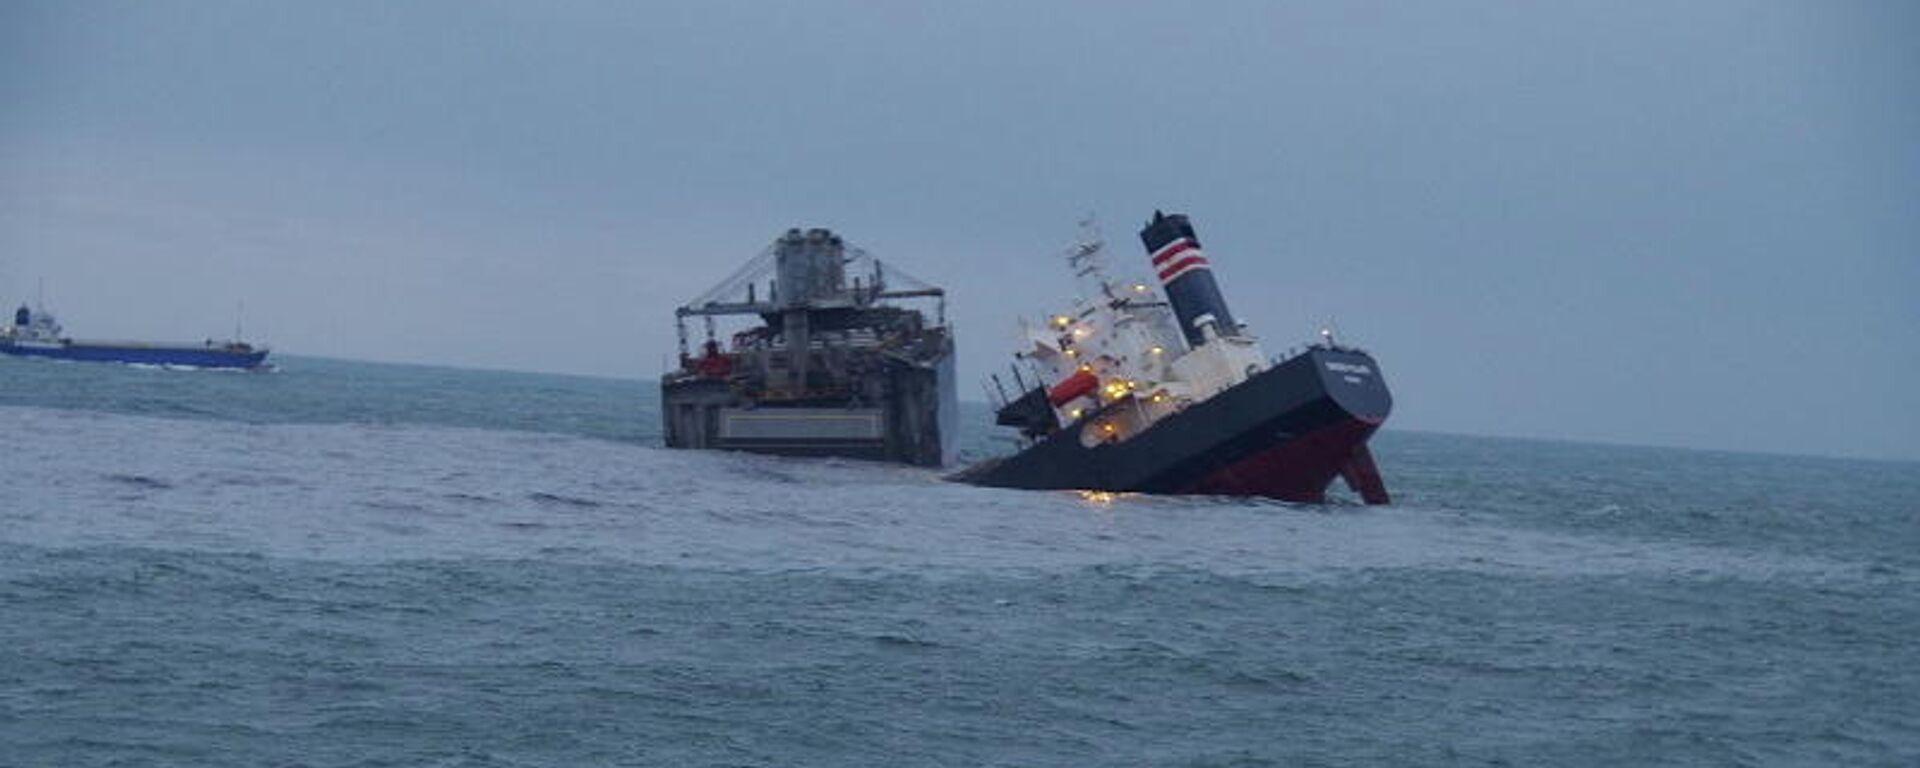 Panamaisches Schiff Crimson Polaris - SNA, 1920, 12.08.2021